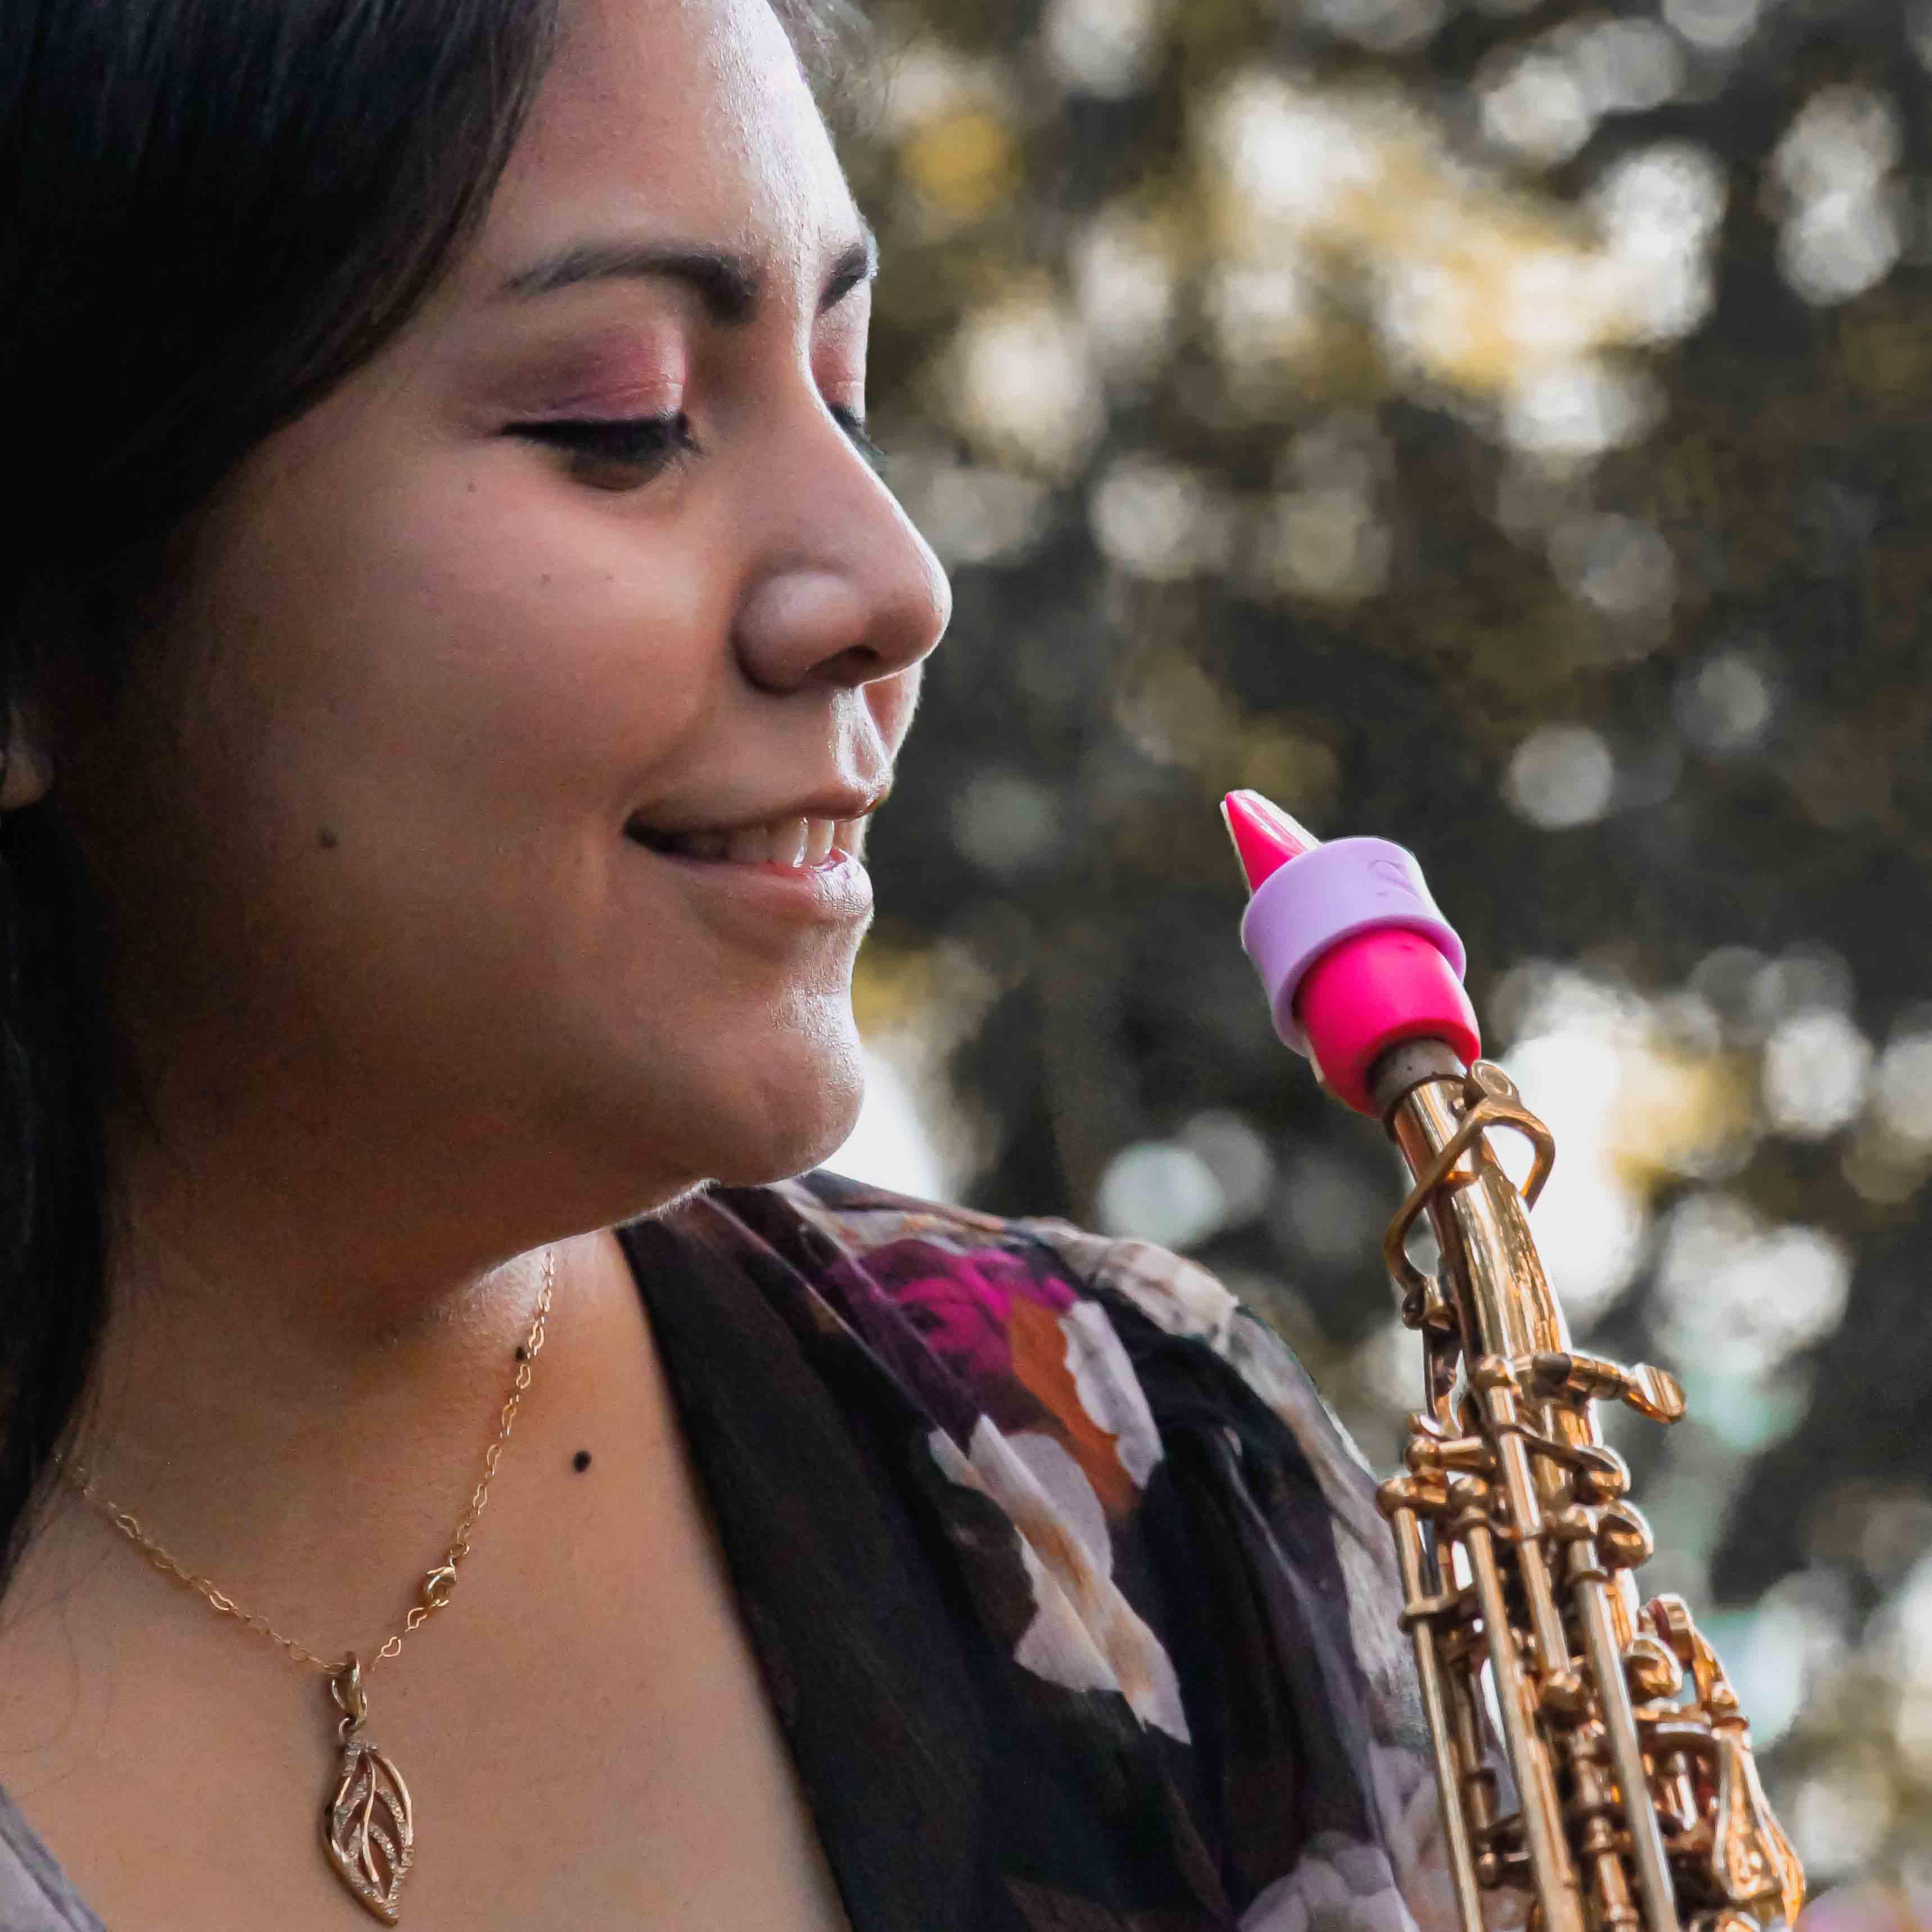 Claudia Medina plays a Syos mouthpiece for soprano saxophone